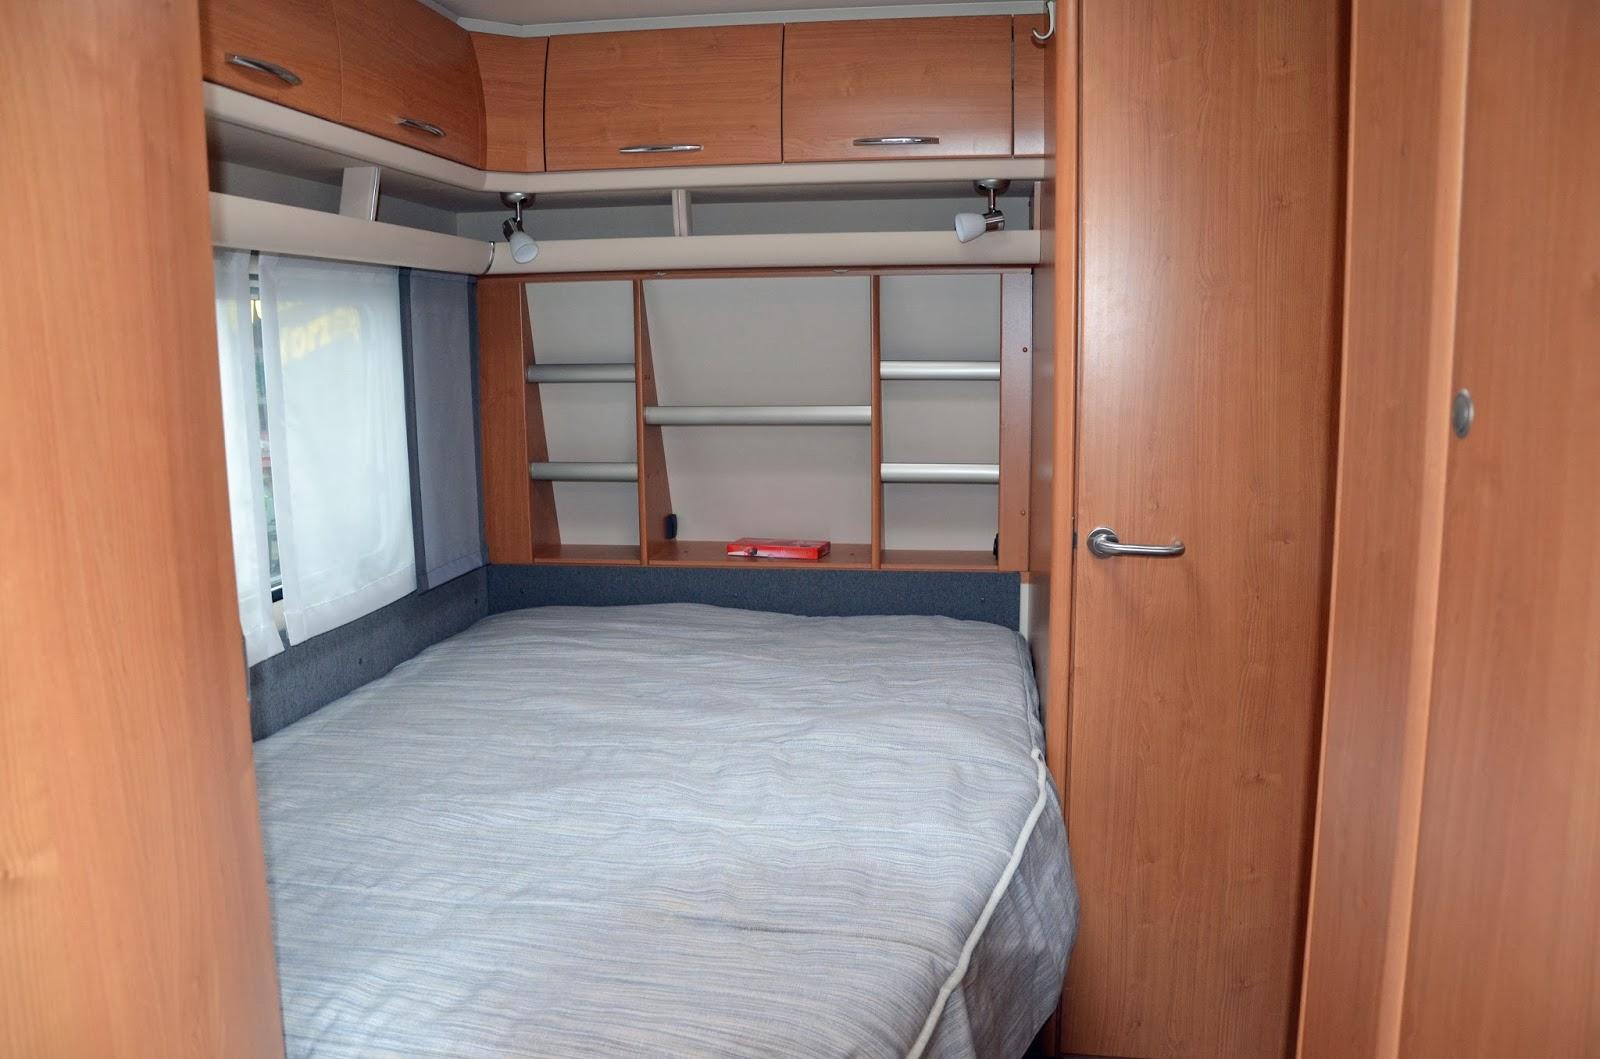 wohnwagen neu gestalten feinarbeit der spiegel am ist von ikea und sieht so viel besser aus als. Black Bedroom Furniture Sets. Home Design Ideas